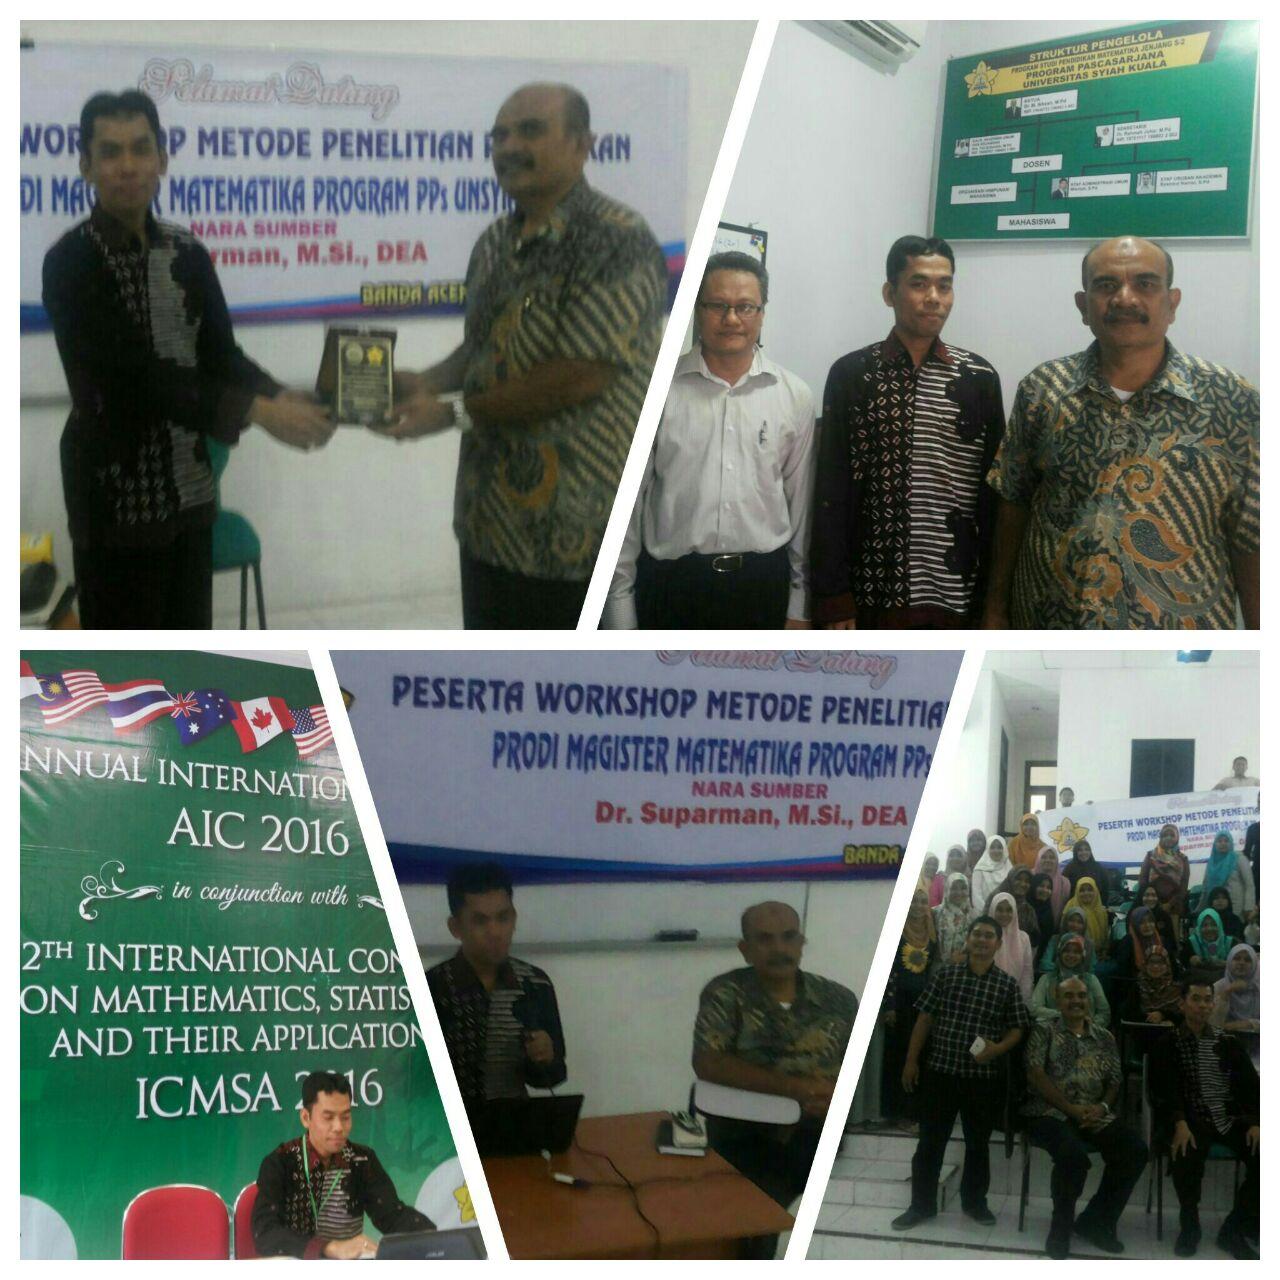 Dr. Suparman Kaprodi Magister Pendidikan Matematika saat menjadi pemateri di UNSYIAH, Banda Aceh pada 5 Oktober 2016